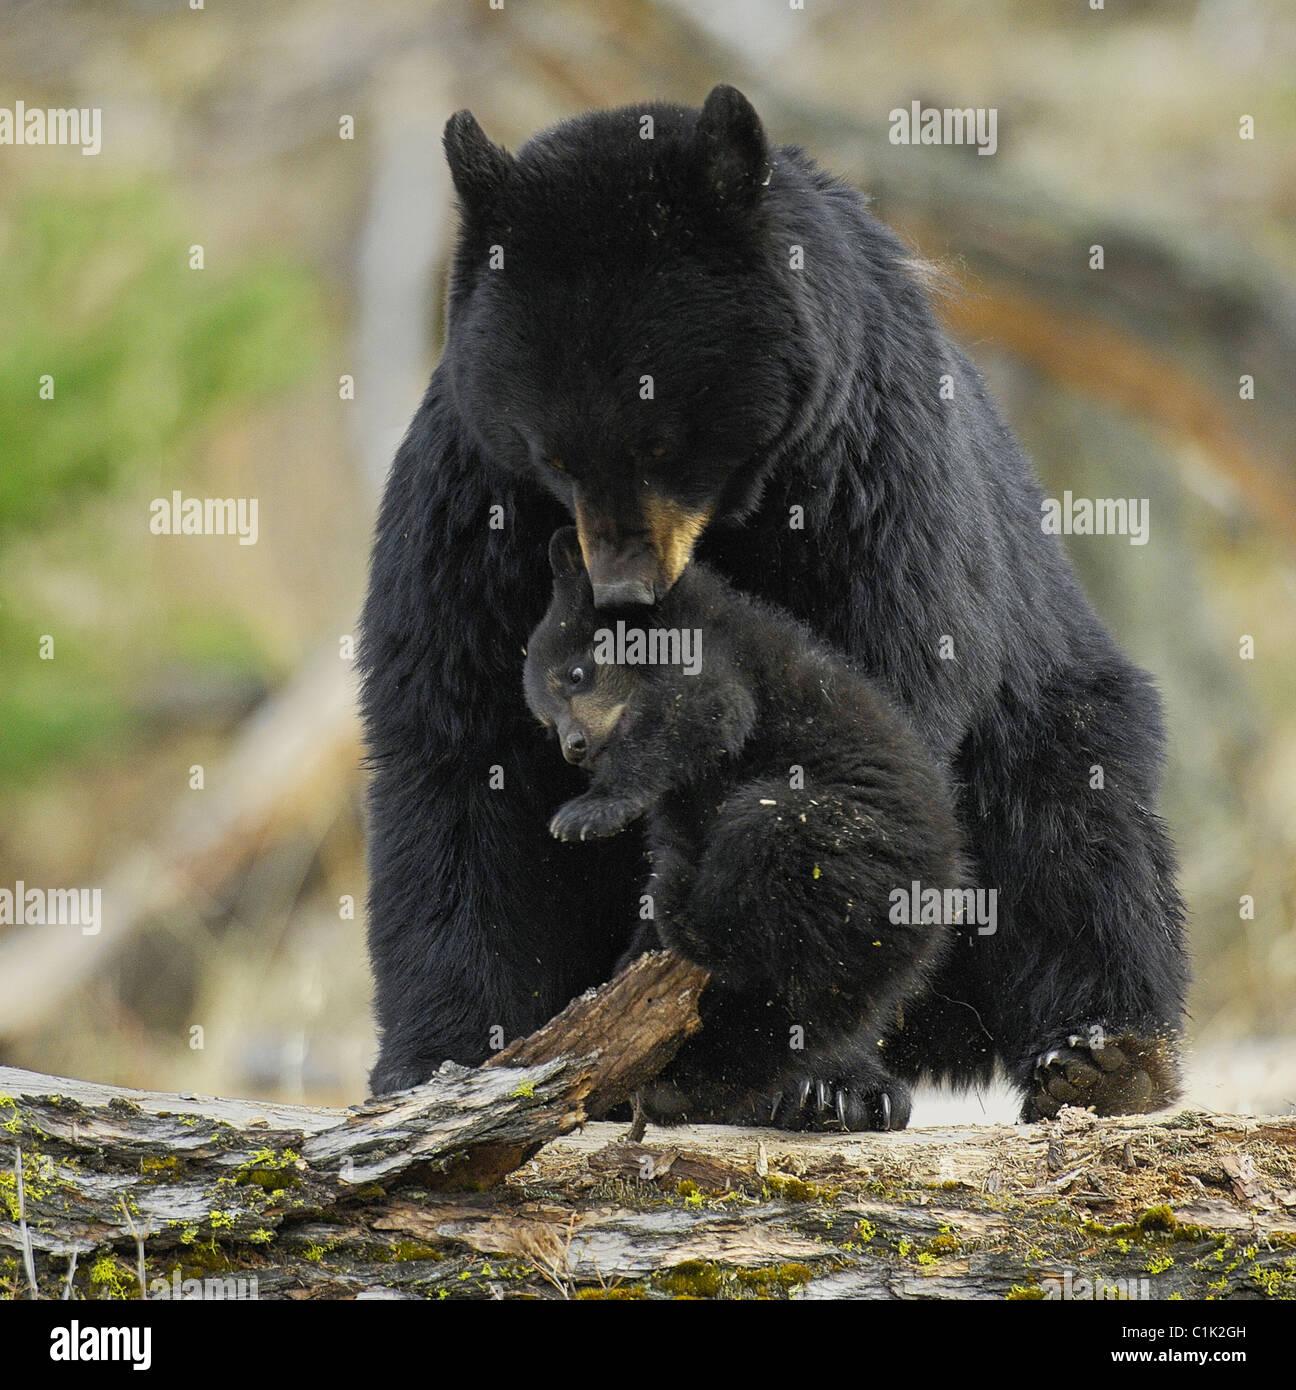 Boy Bear Cub Stock Photos & Boy Bear Cub Stock Images